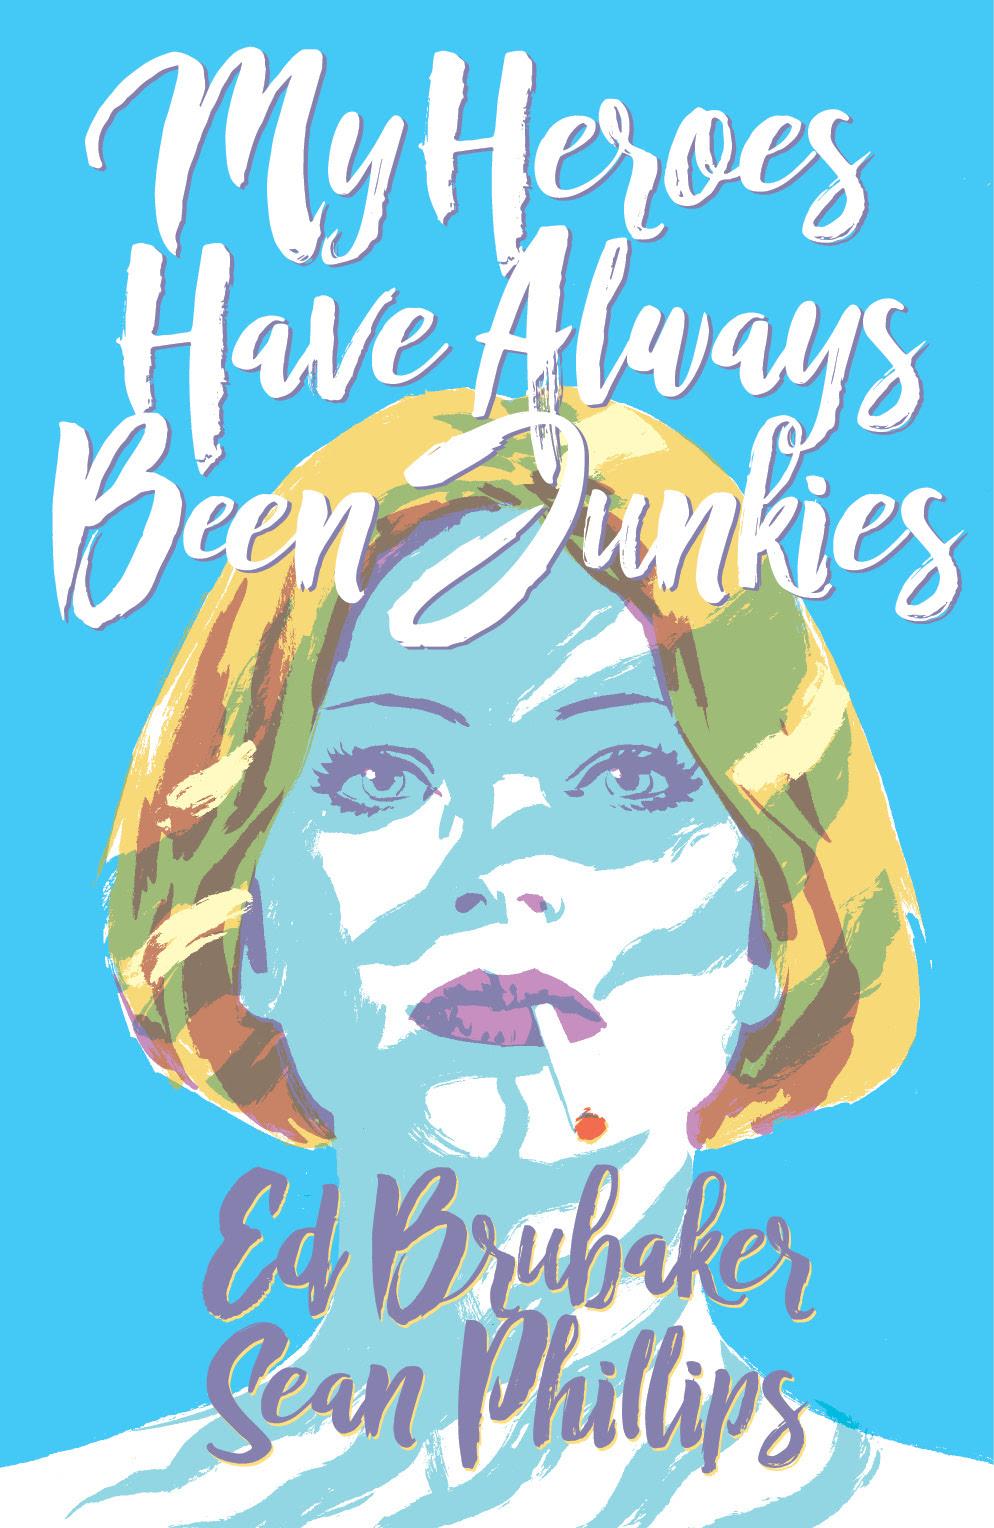 Junkies 1.jpg